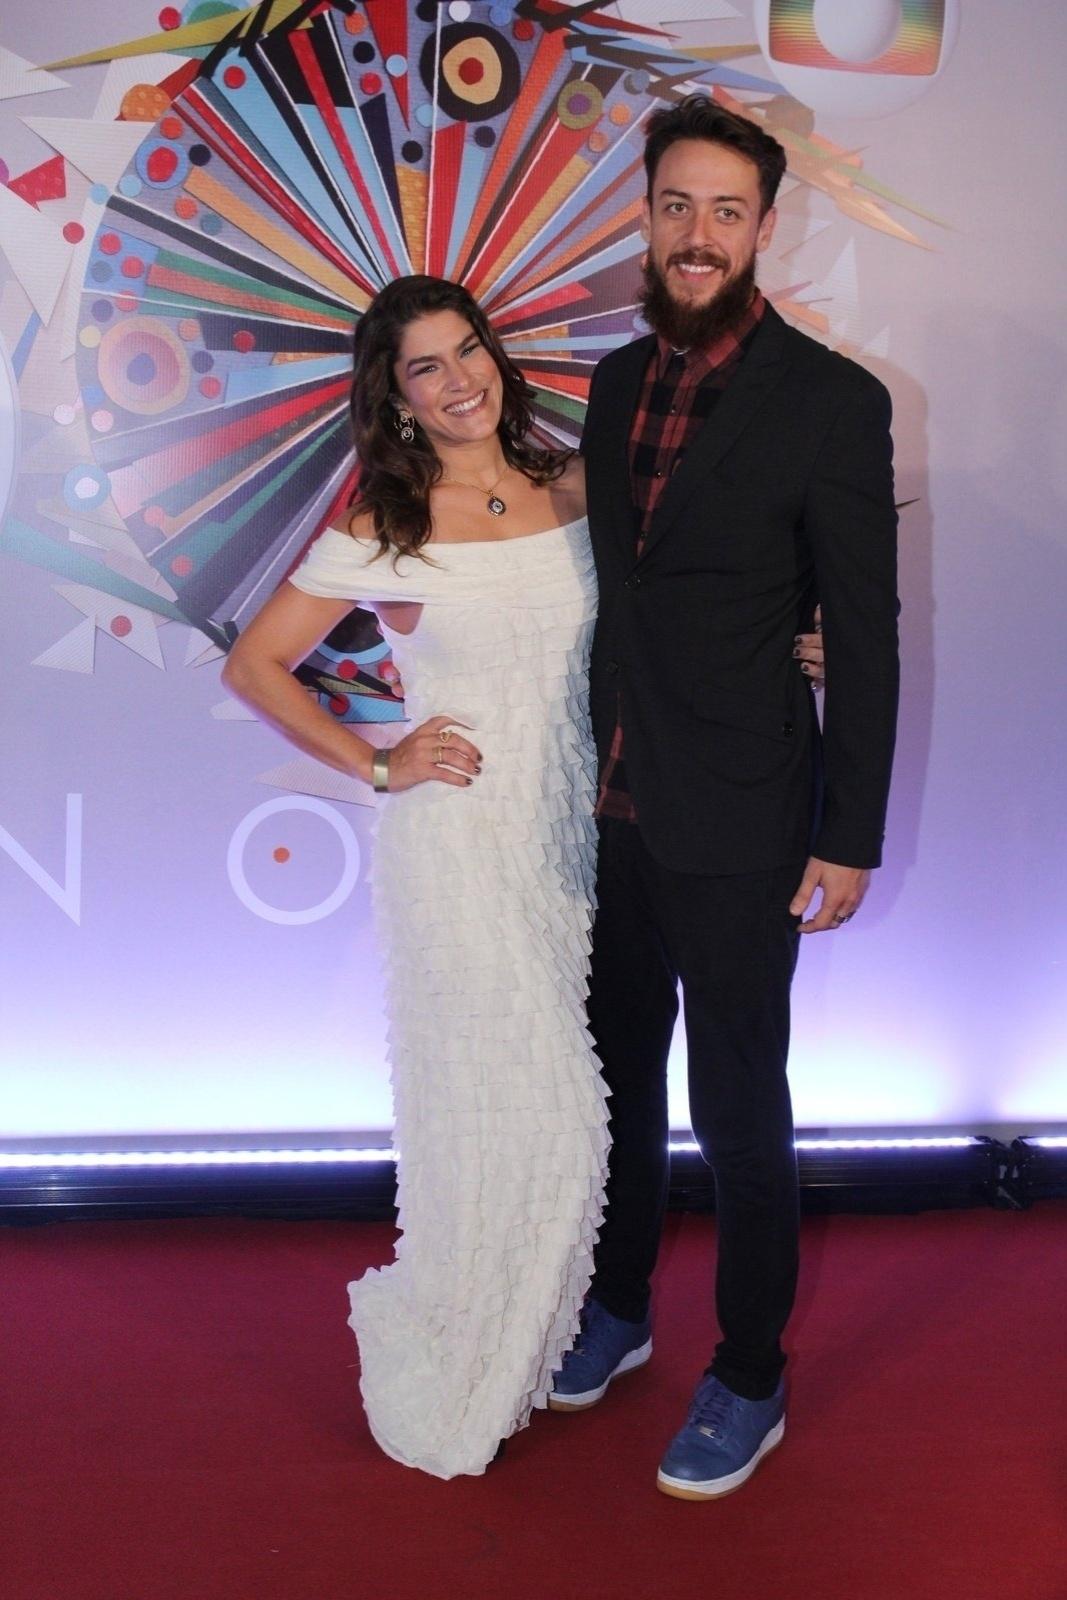 23.abr.2015 - Priscila Fantin e Renan Abreu vão ao show em comemoração aos 50 anos da TV Globo, no Maracanãzinho